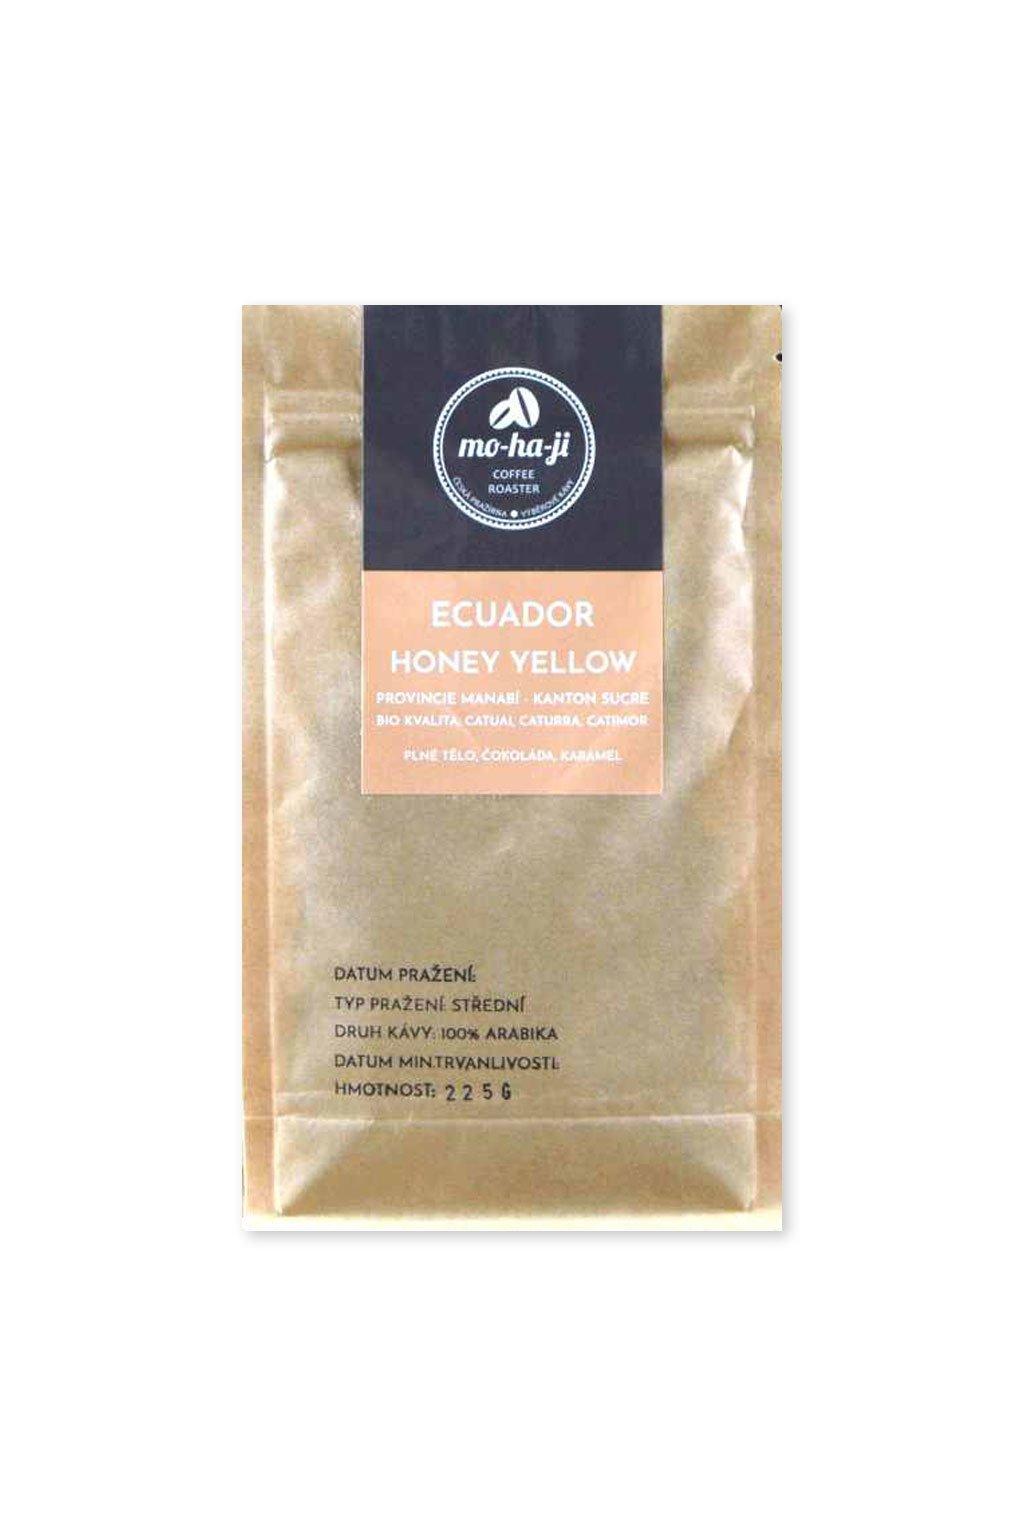 Ecuador MOHAJI Gurmetéka